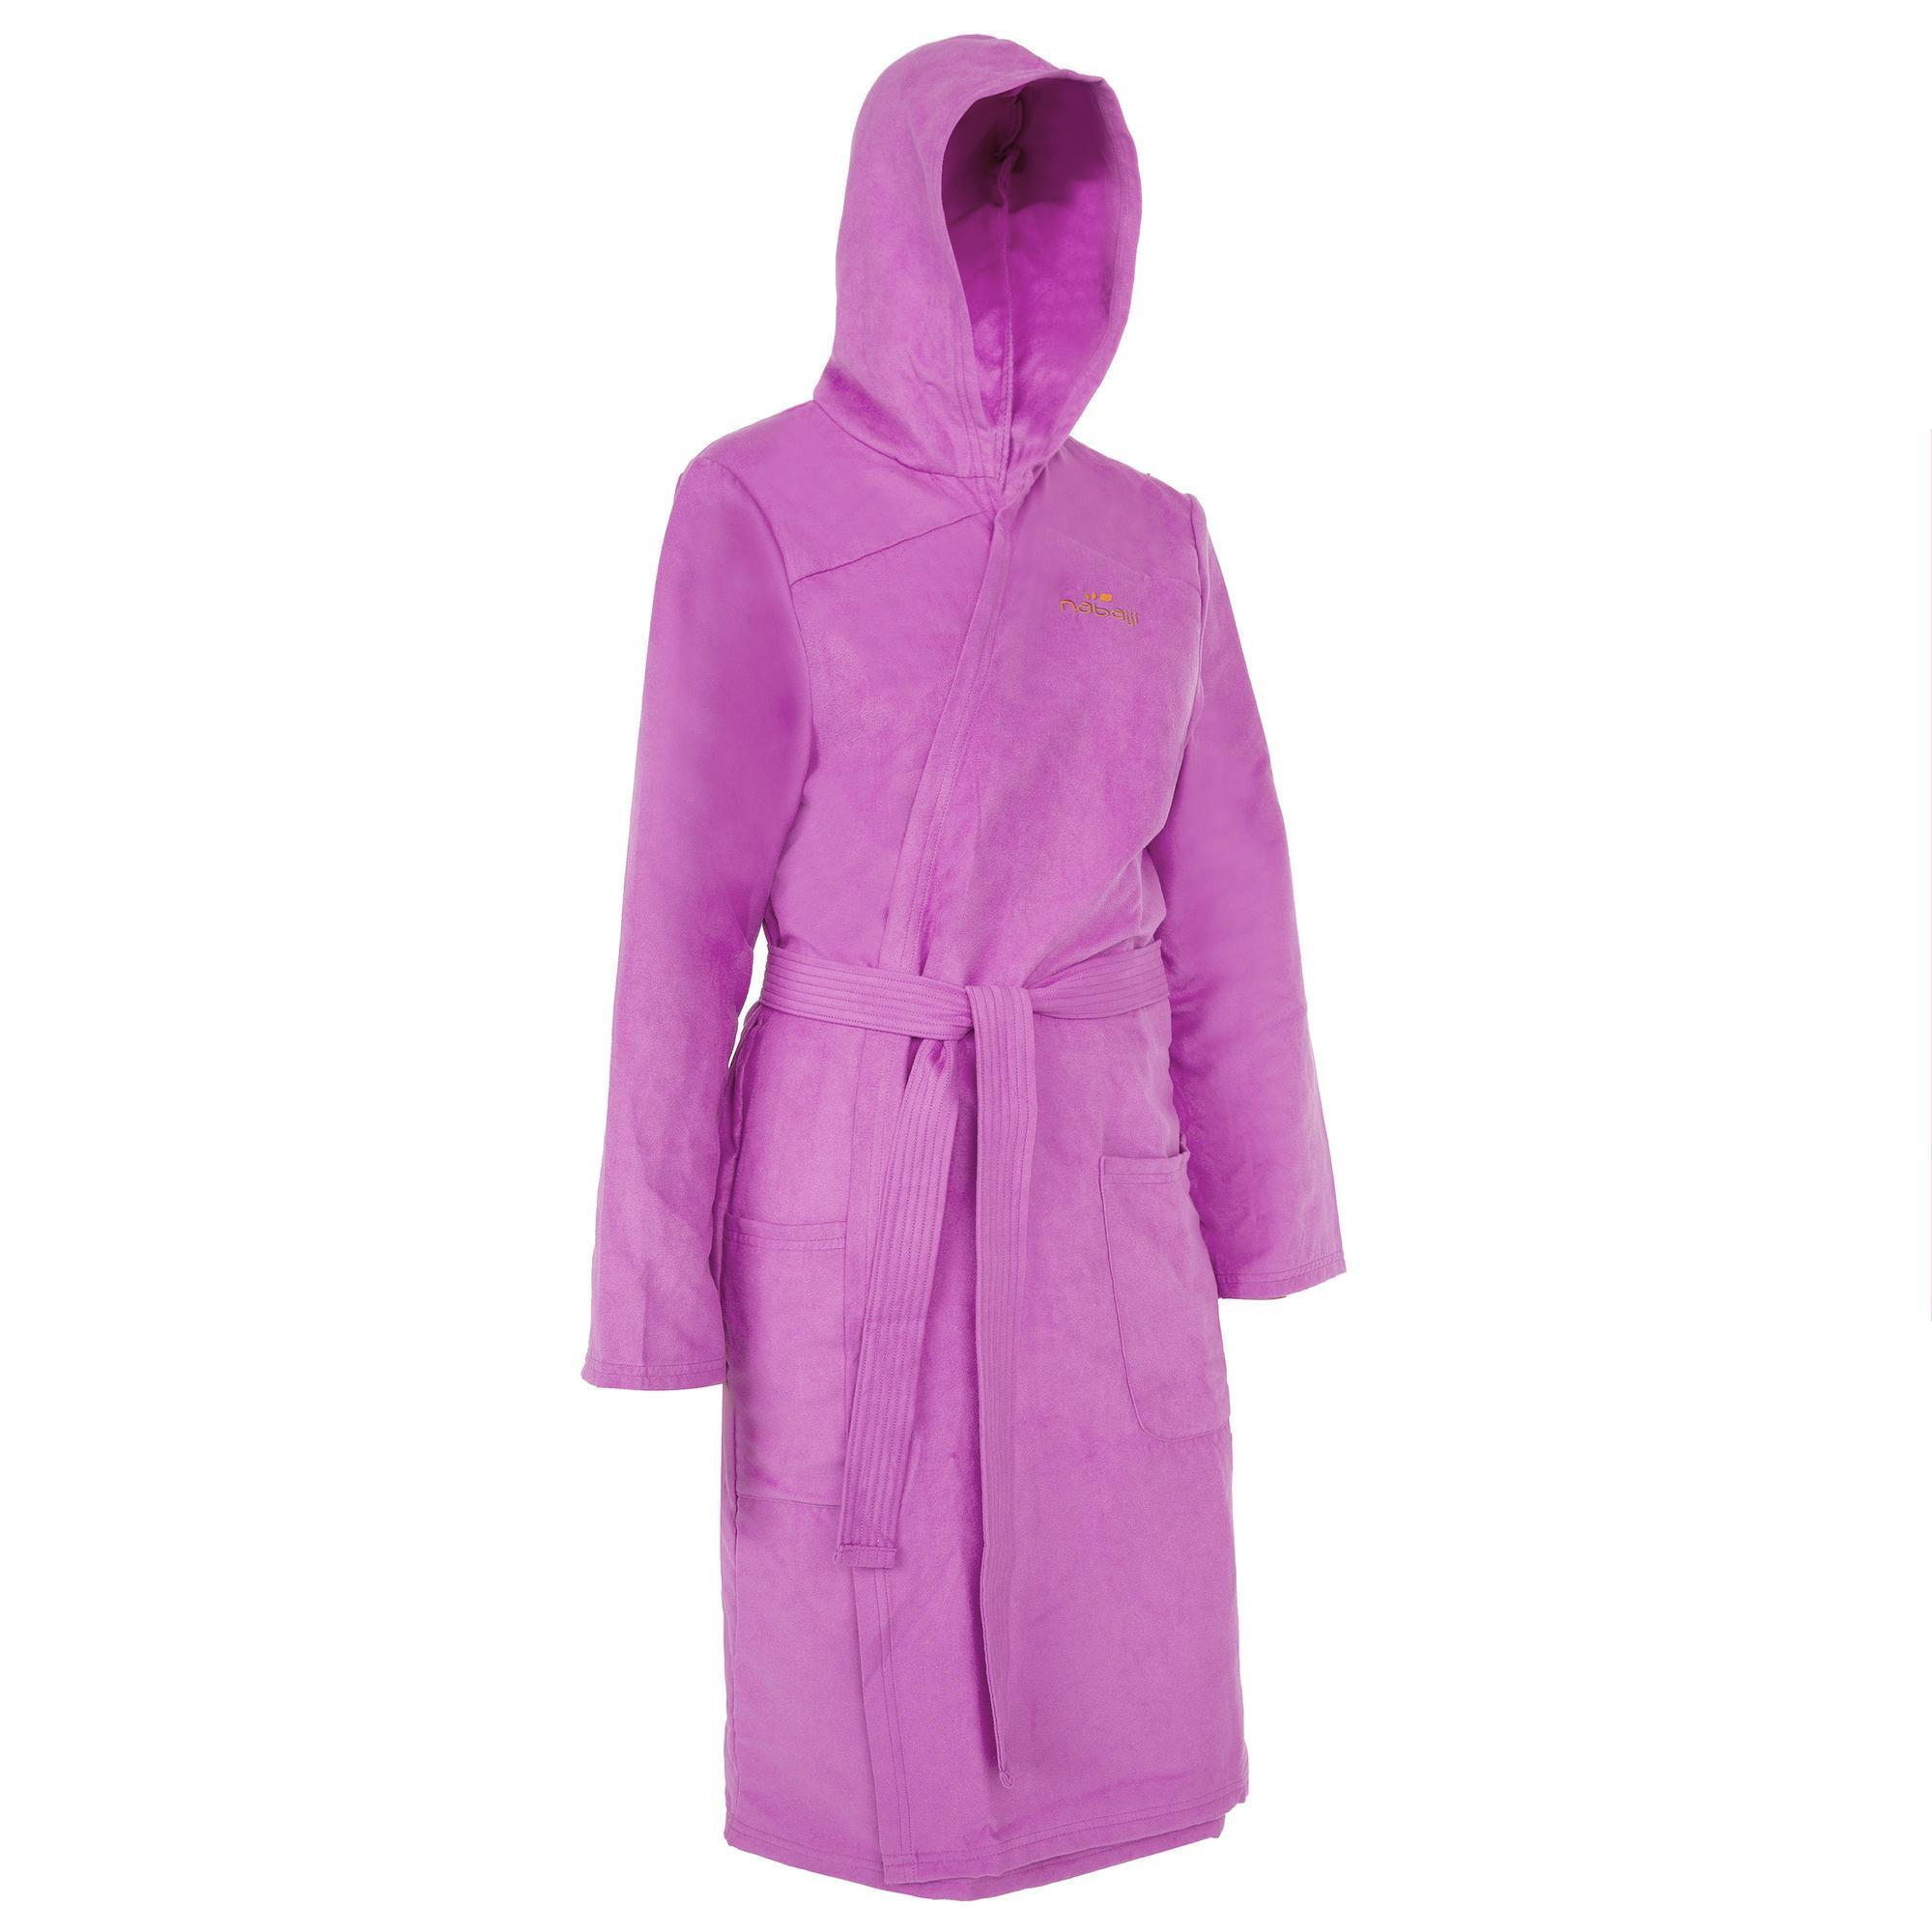 Nabaiji Microvezel kinder badjas met capuchon, zakken en bindceintuur paars